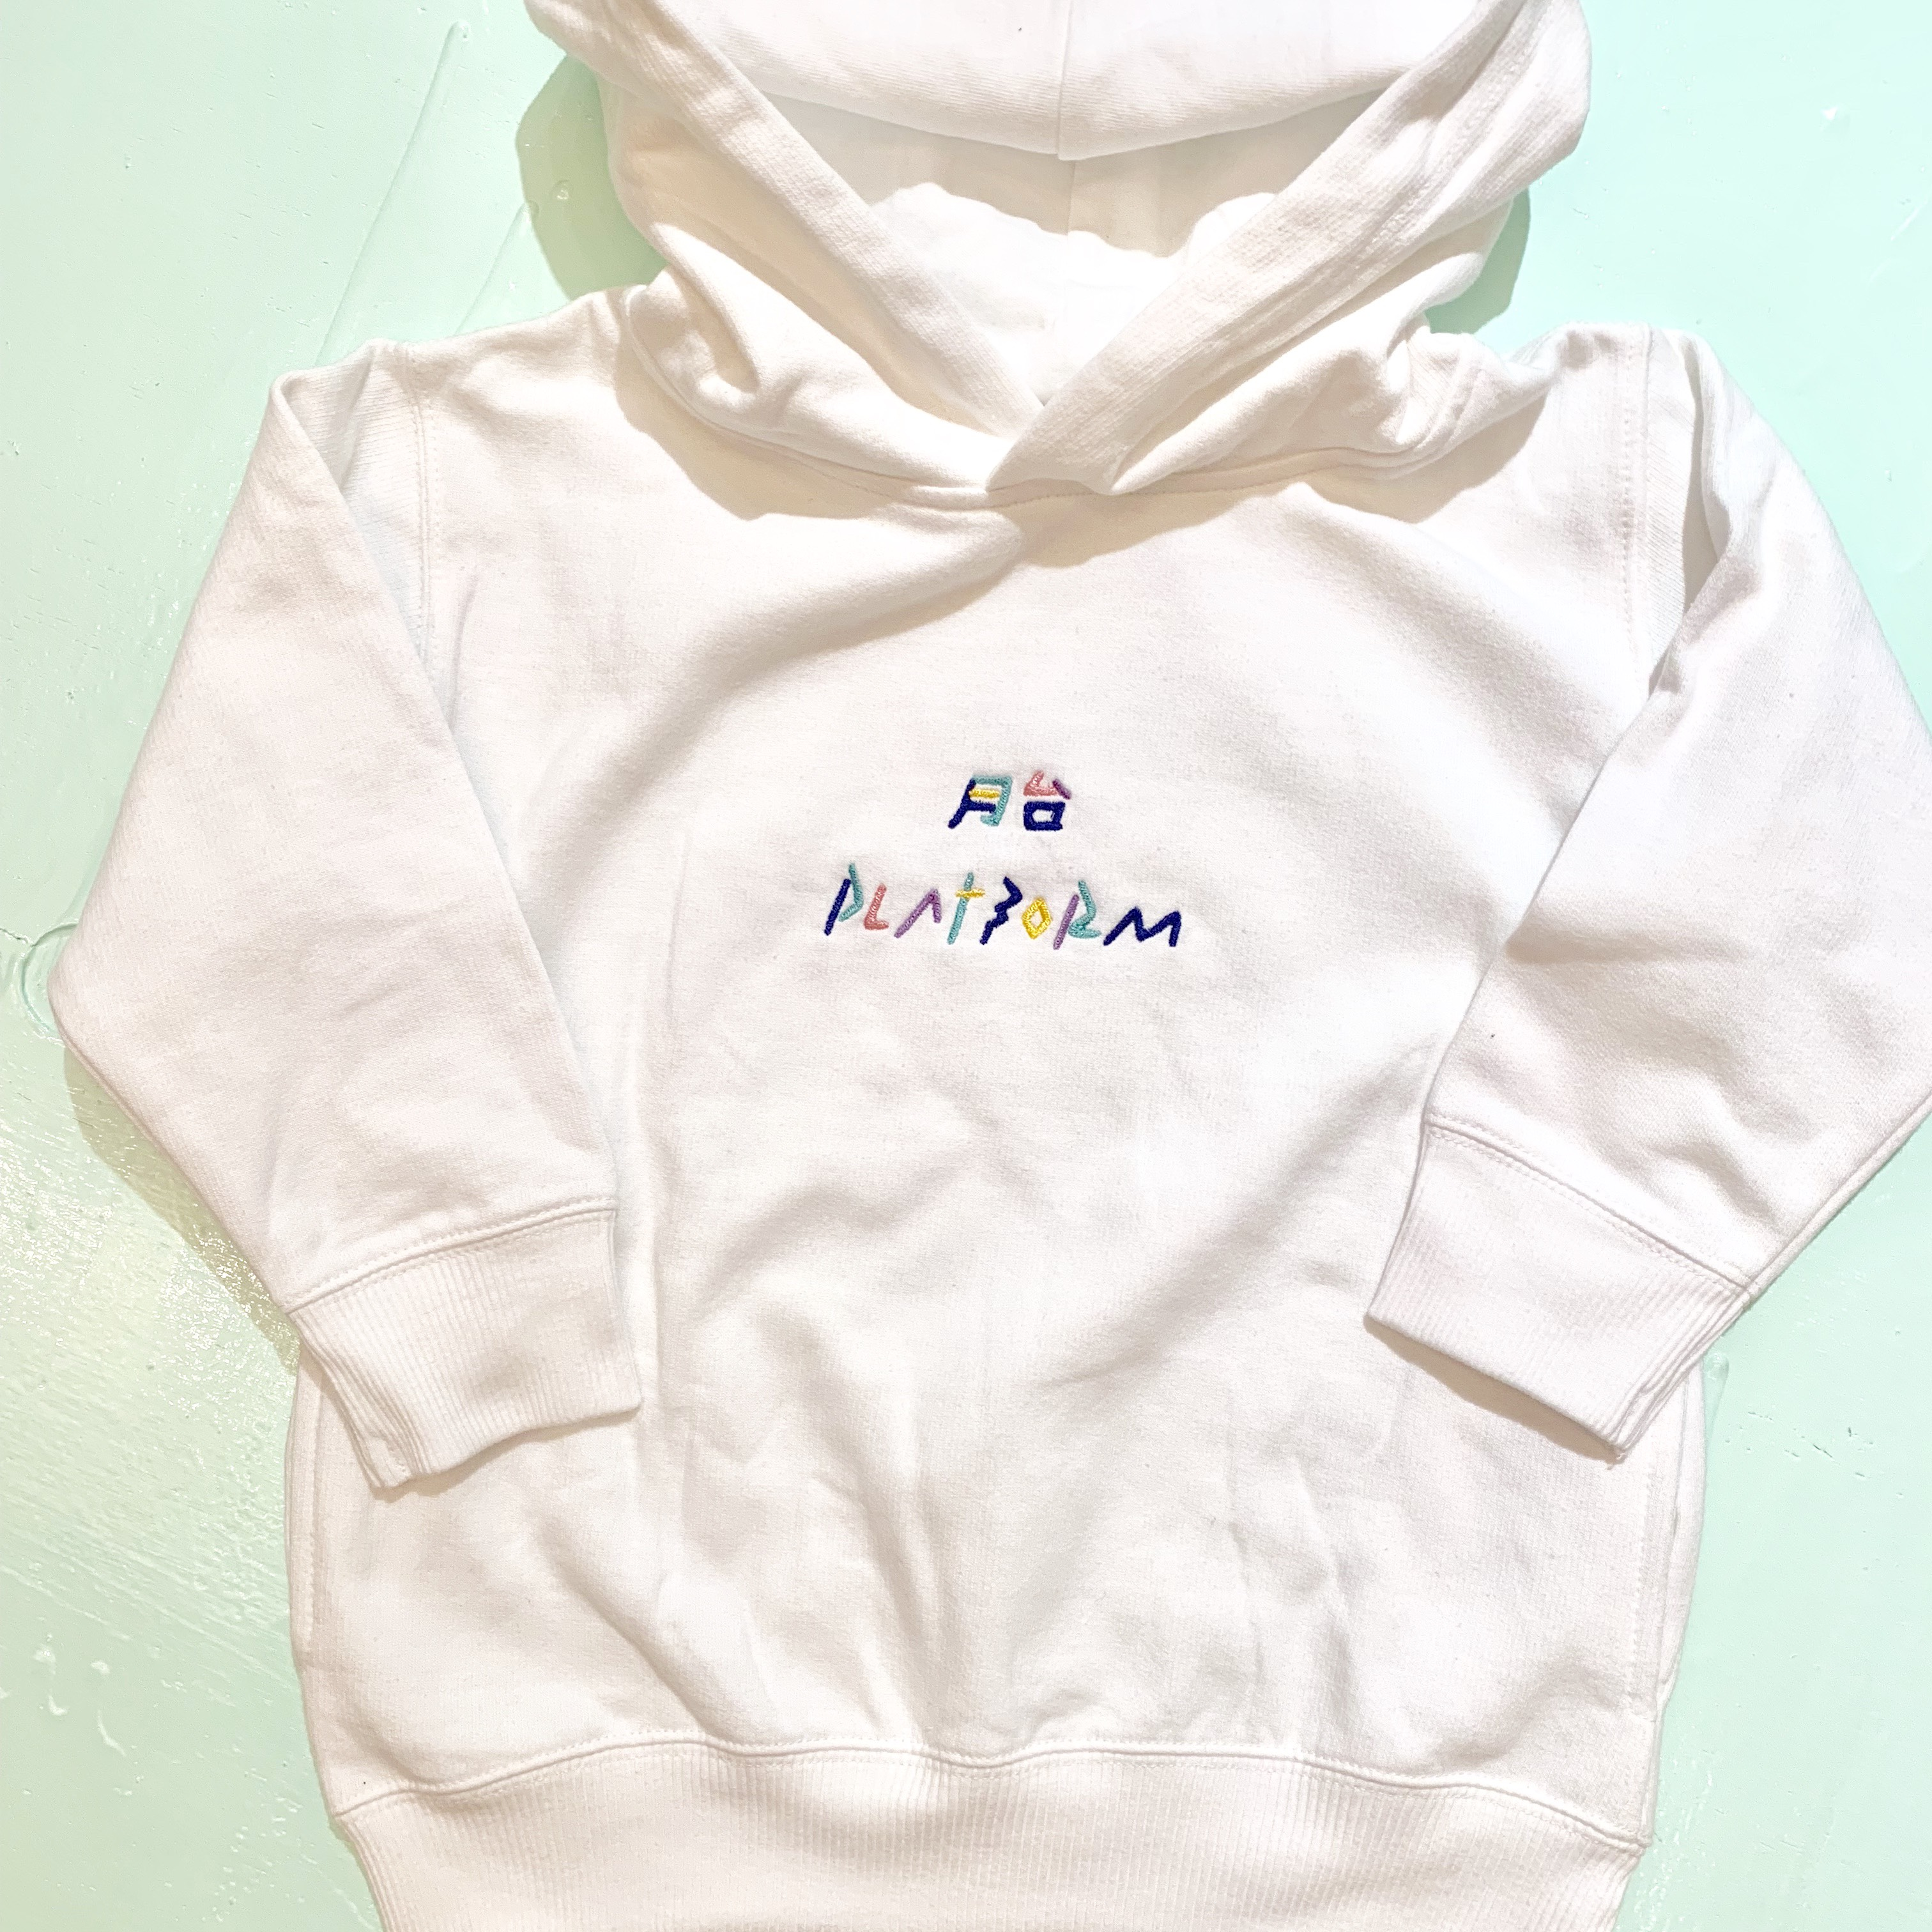 [KIDS]PLATFORMロゴプルオーバーパーカ PF-05k